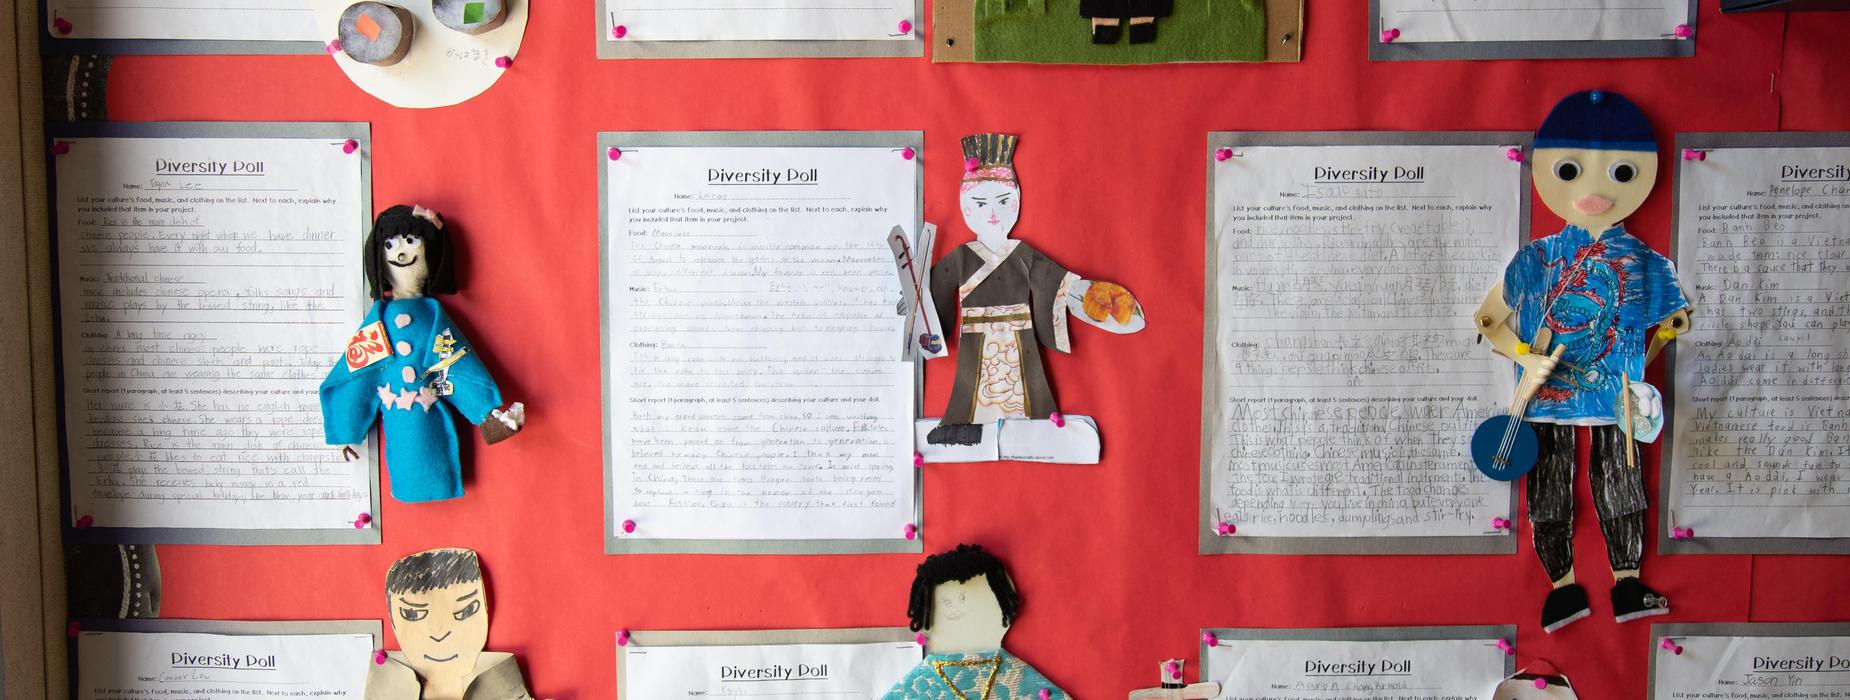 Marguerita School Work - Diversity Doll